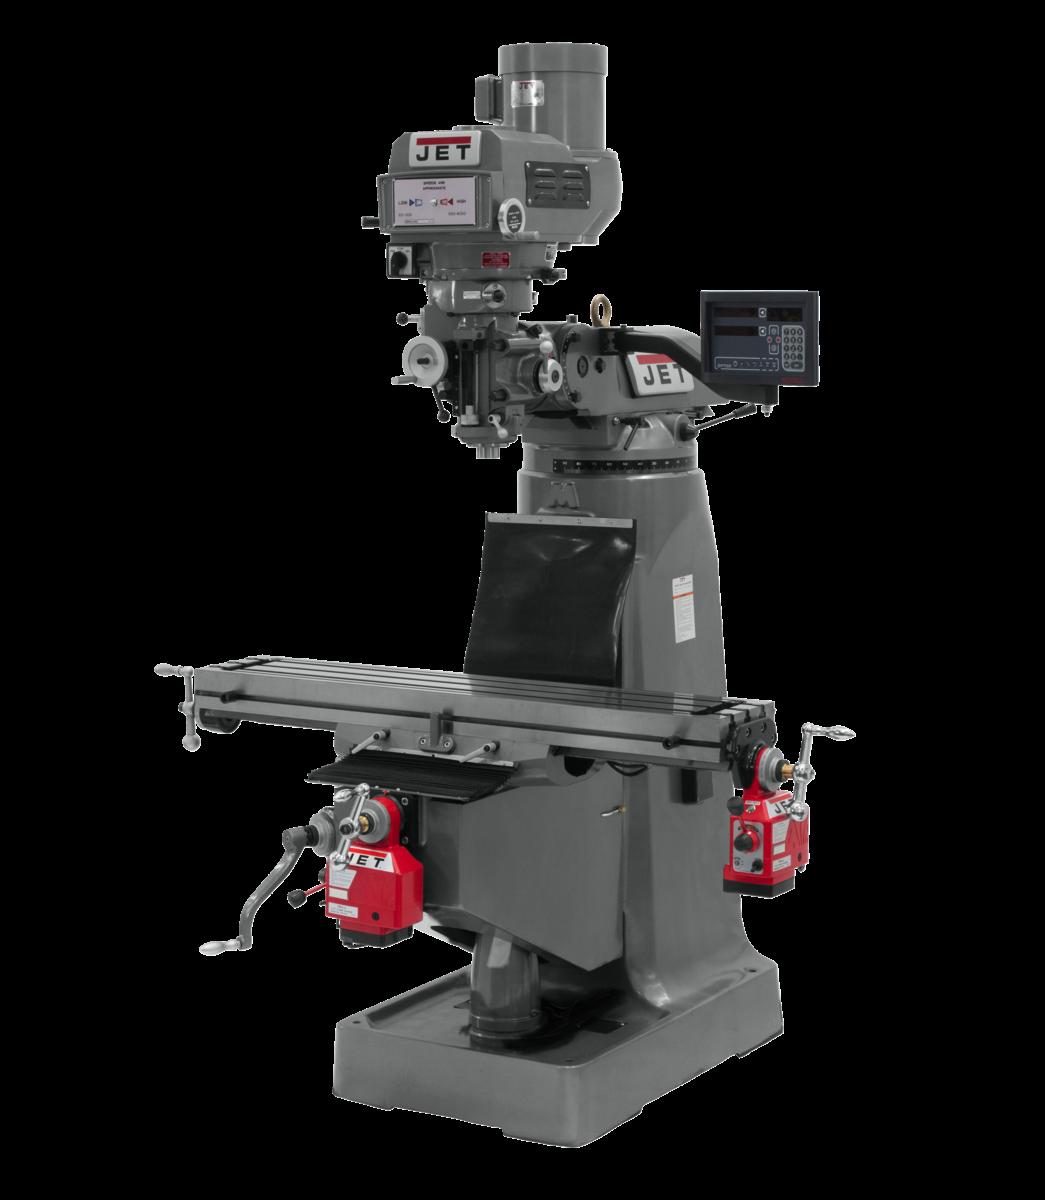 Fresadora JTM-4VS con visualizador de posición digital NEWALL DP700 y alimentación automática ejes X e Y instalados